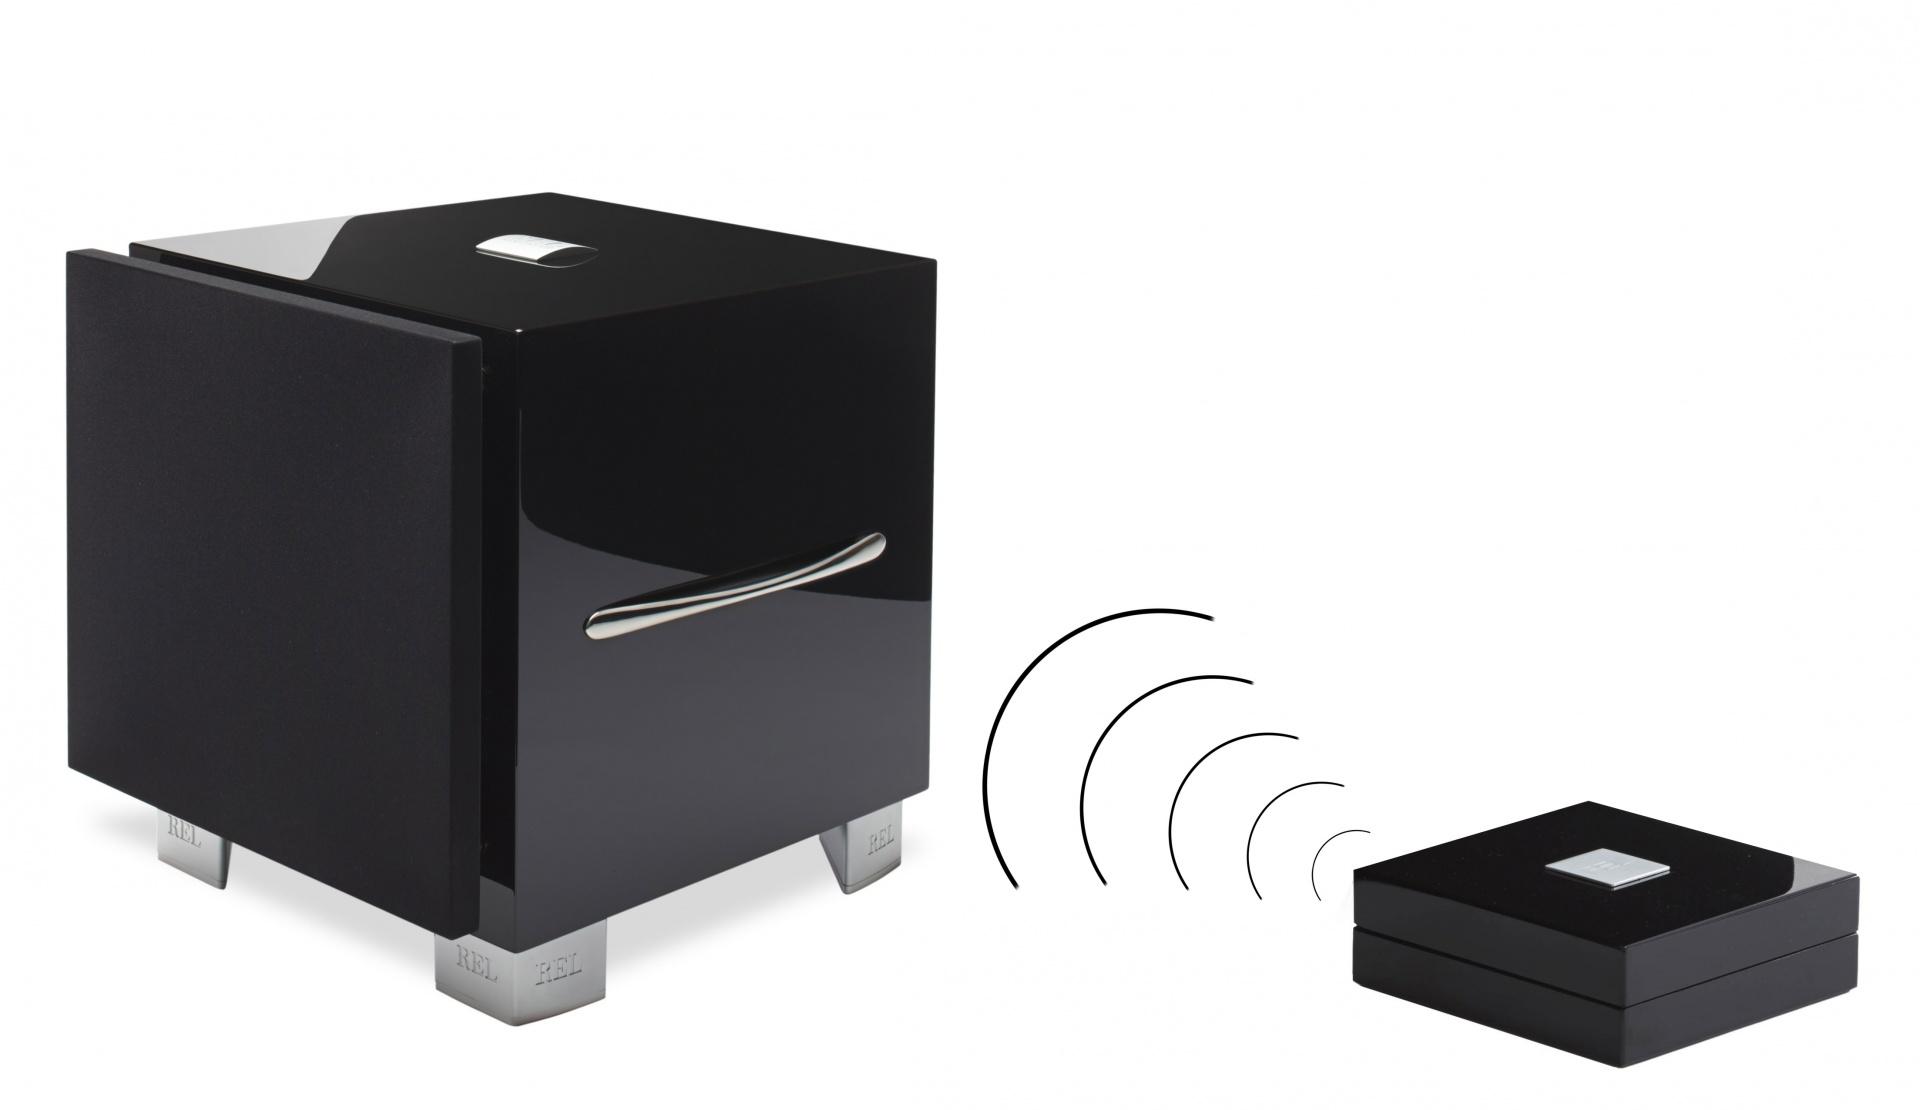 rel longbow transmetteur sans fil pour subwoofers rel. Black Bedroom Furniture Sets. Home Design Ideas